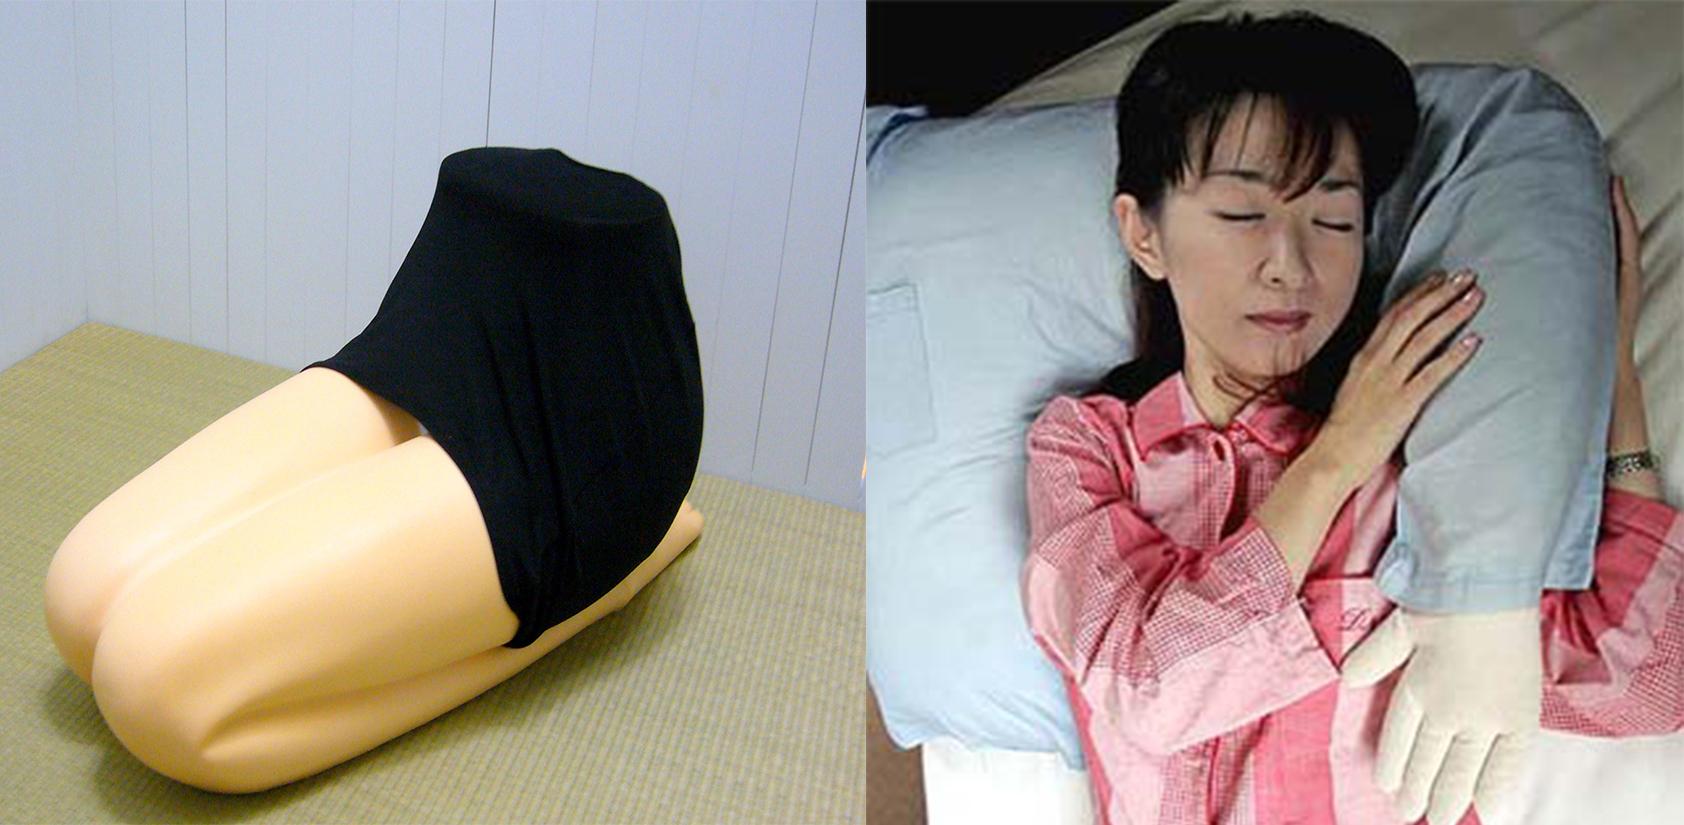 boyfriend arm pillow, hizamakura lap pillow, japan, love industry, pillows